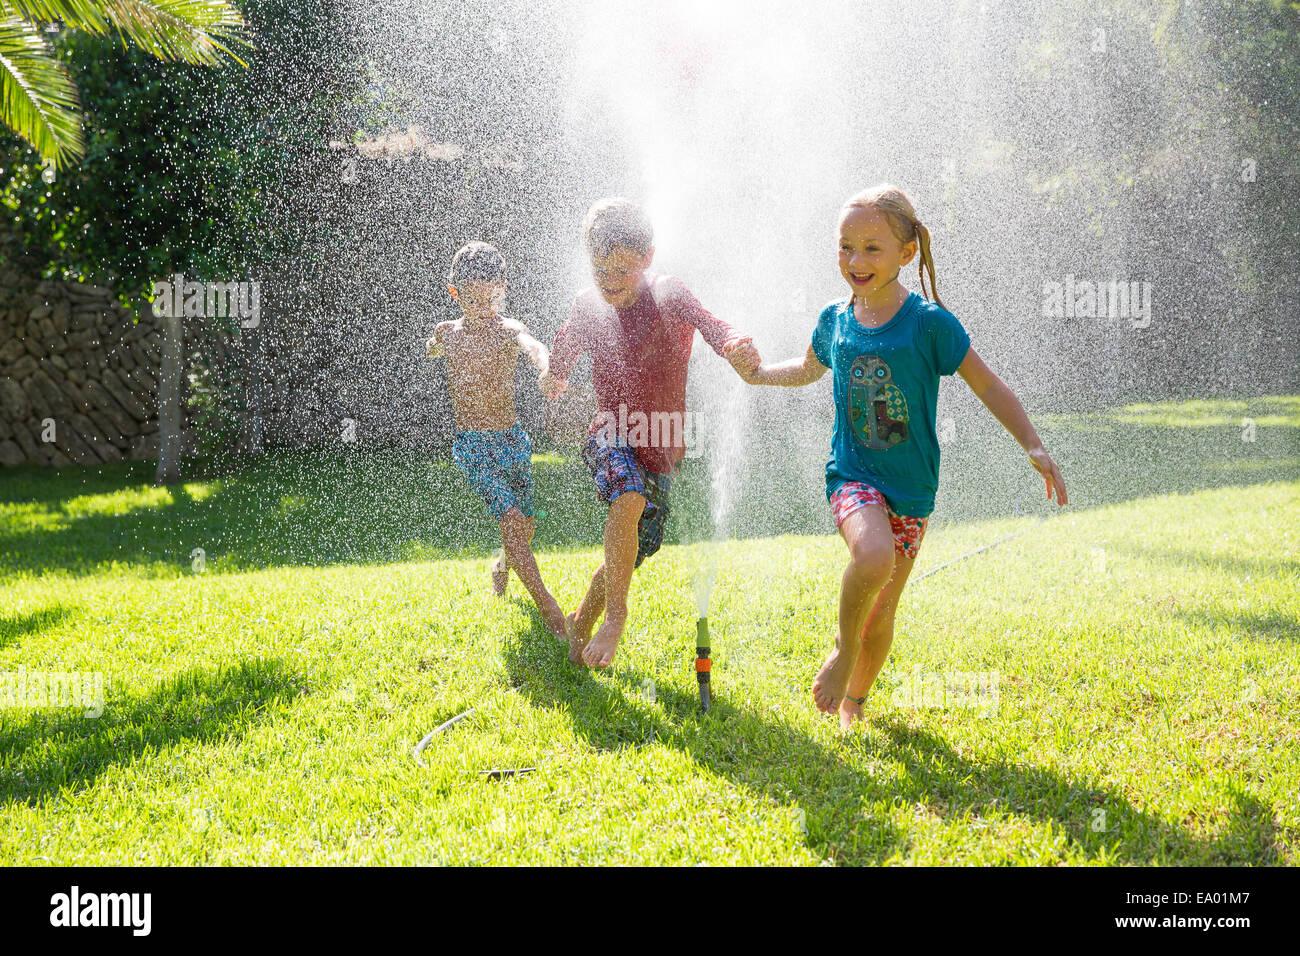 Three children in garden running through water sprinkler - Stock Image